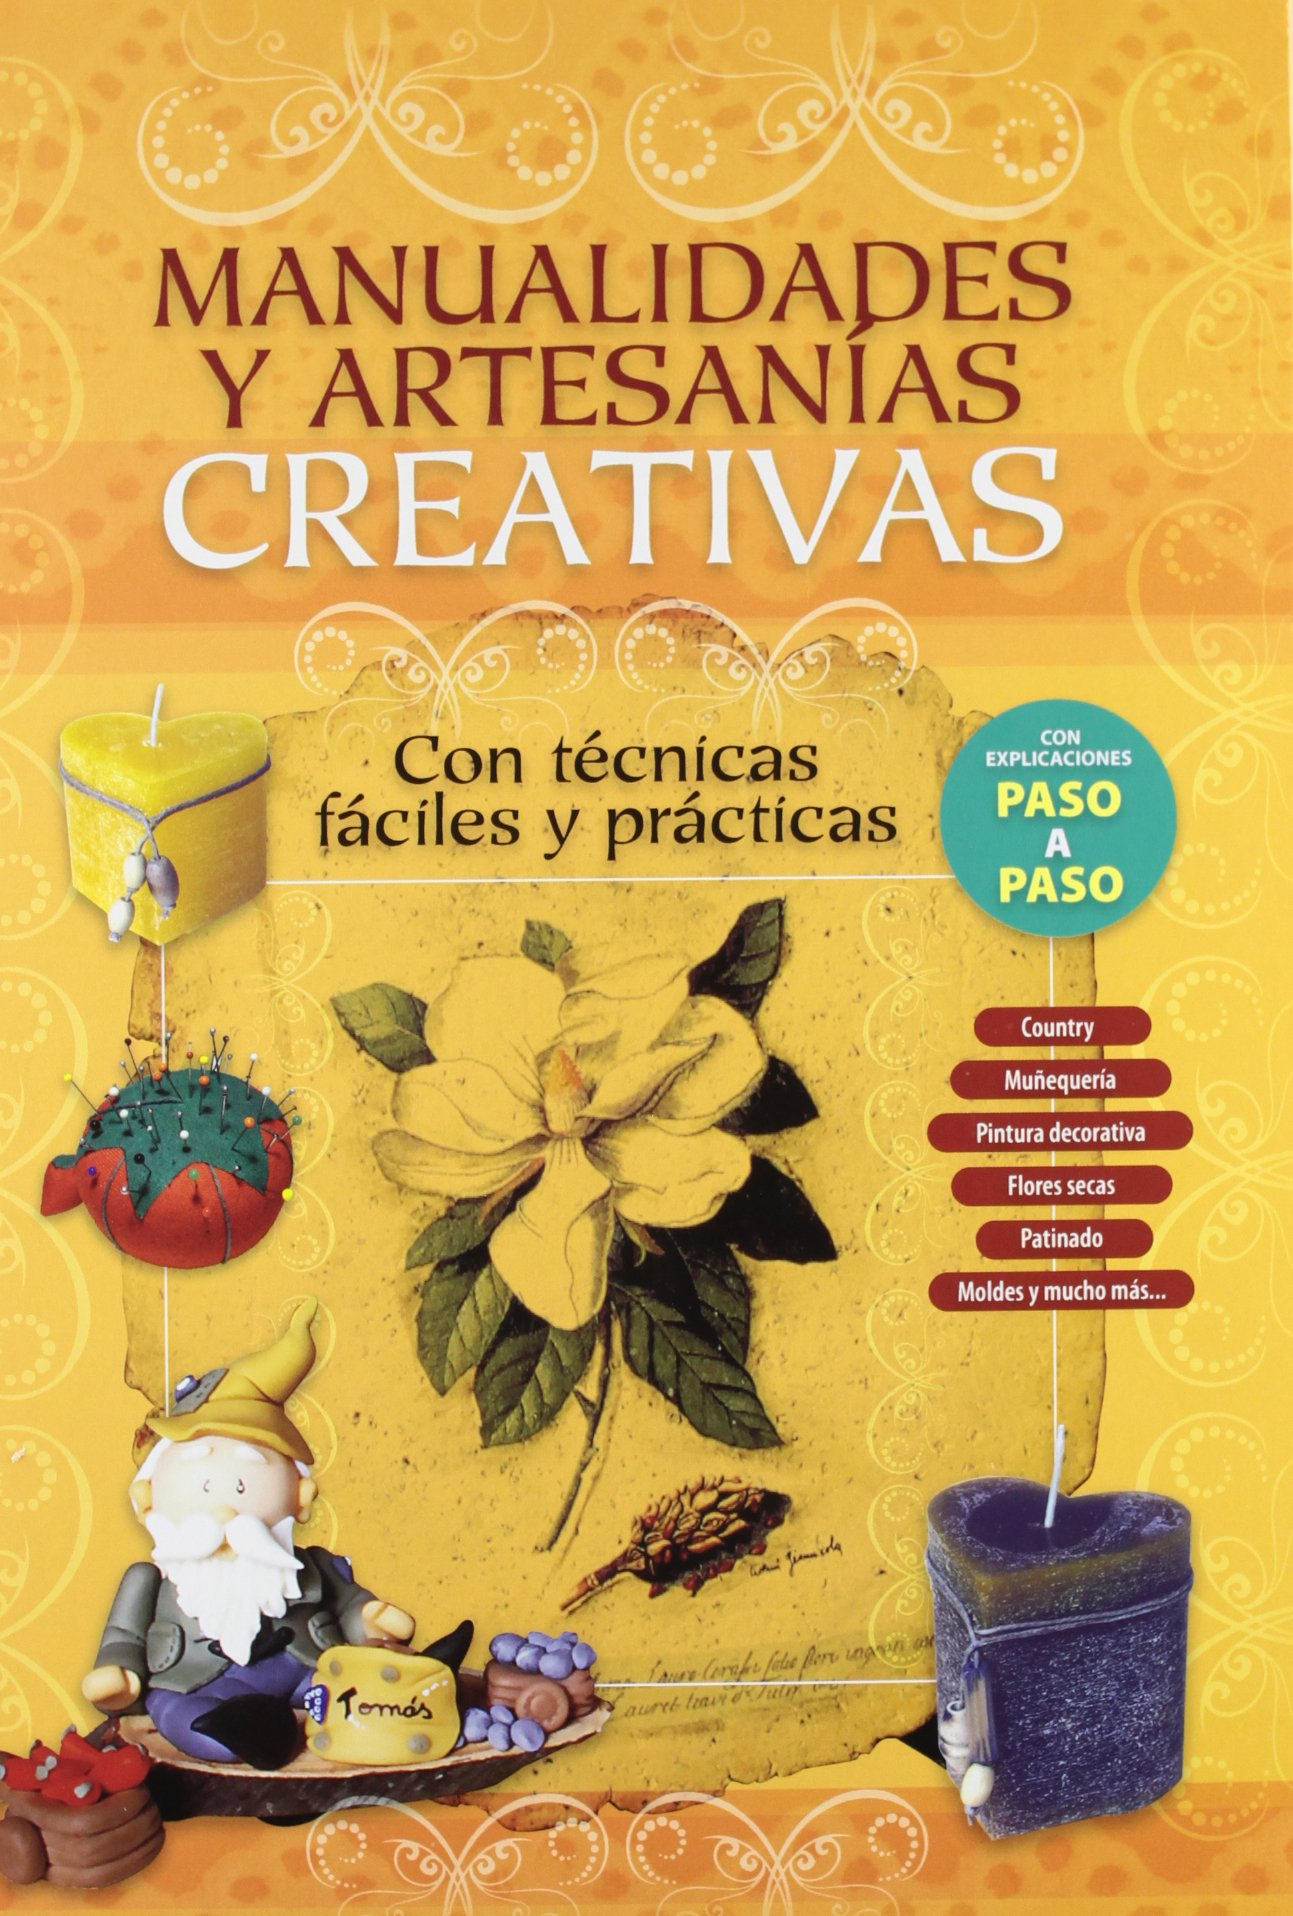 e901a61a2d06d MANUALIDADES Y ARTESANIAS CREATIVAS  Equipo Editorial  9789974679467 ...